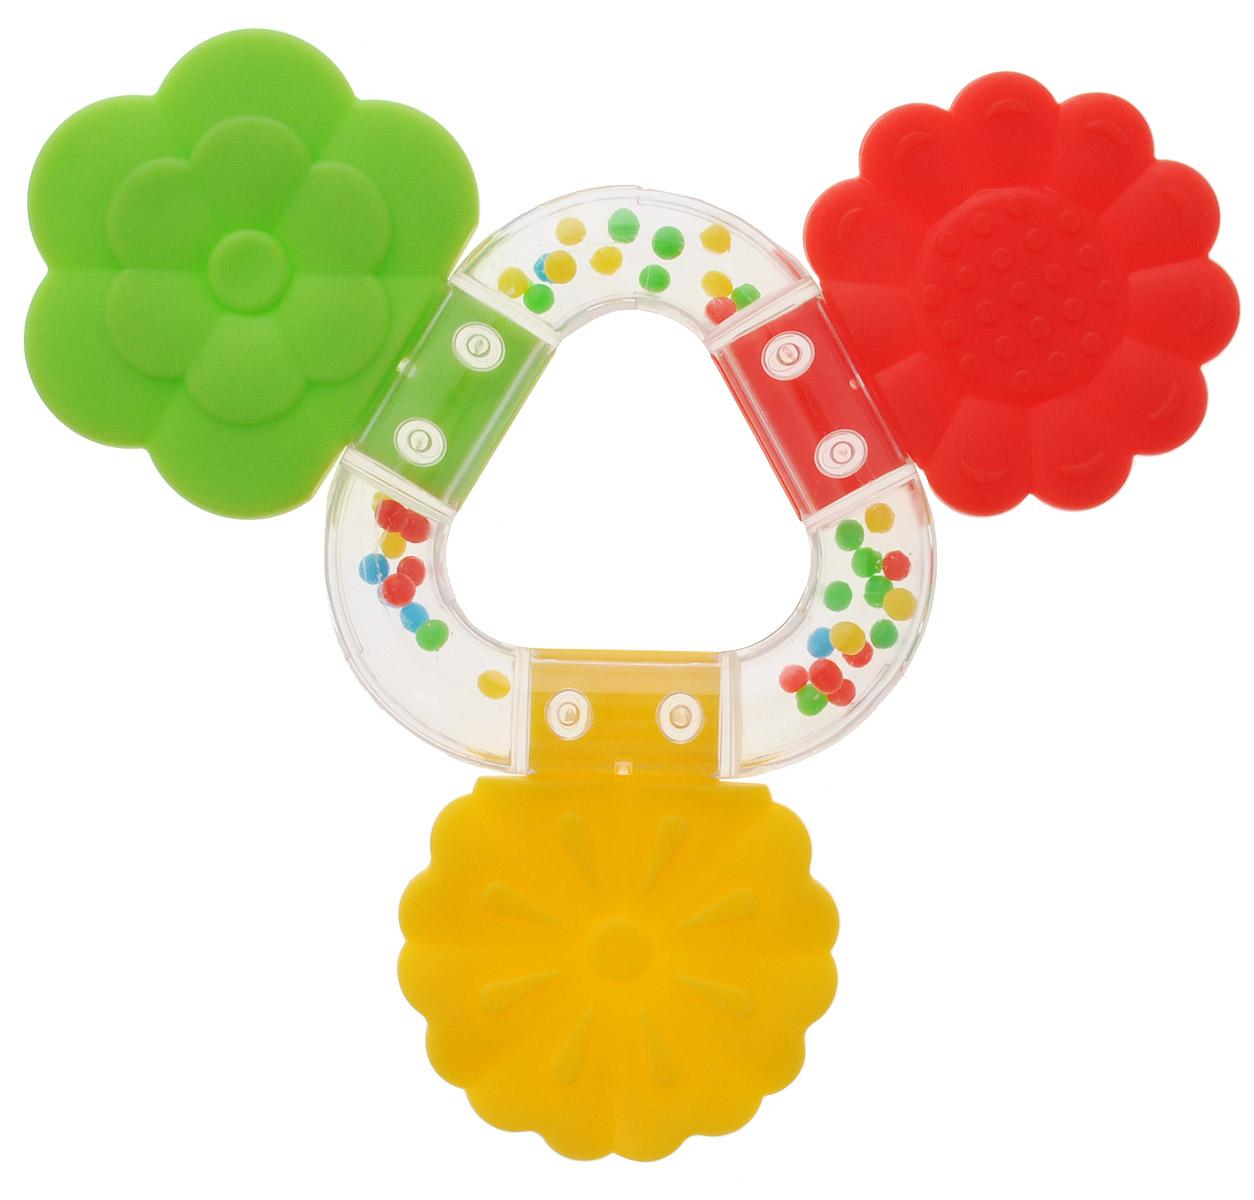 Stellar Погремушка-прорезыватель Букетик цвет желтый красный зеленый развивающая игрушка stellar веселый молоточек цвет зеленый желтый голубой